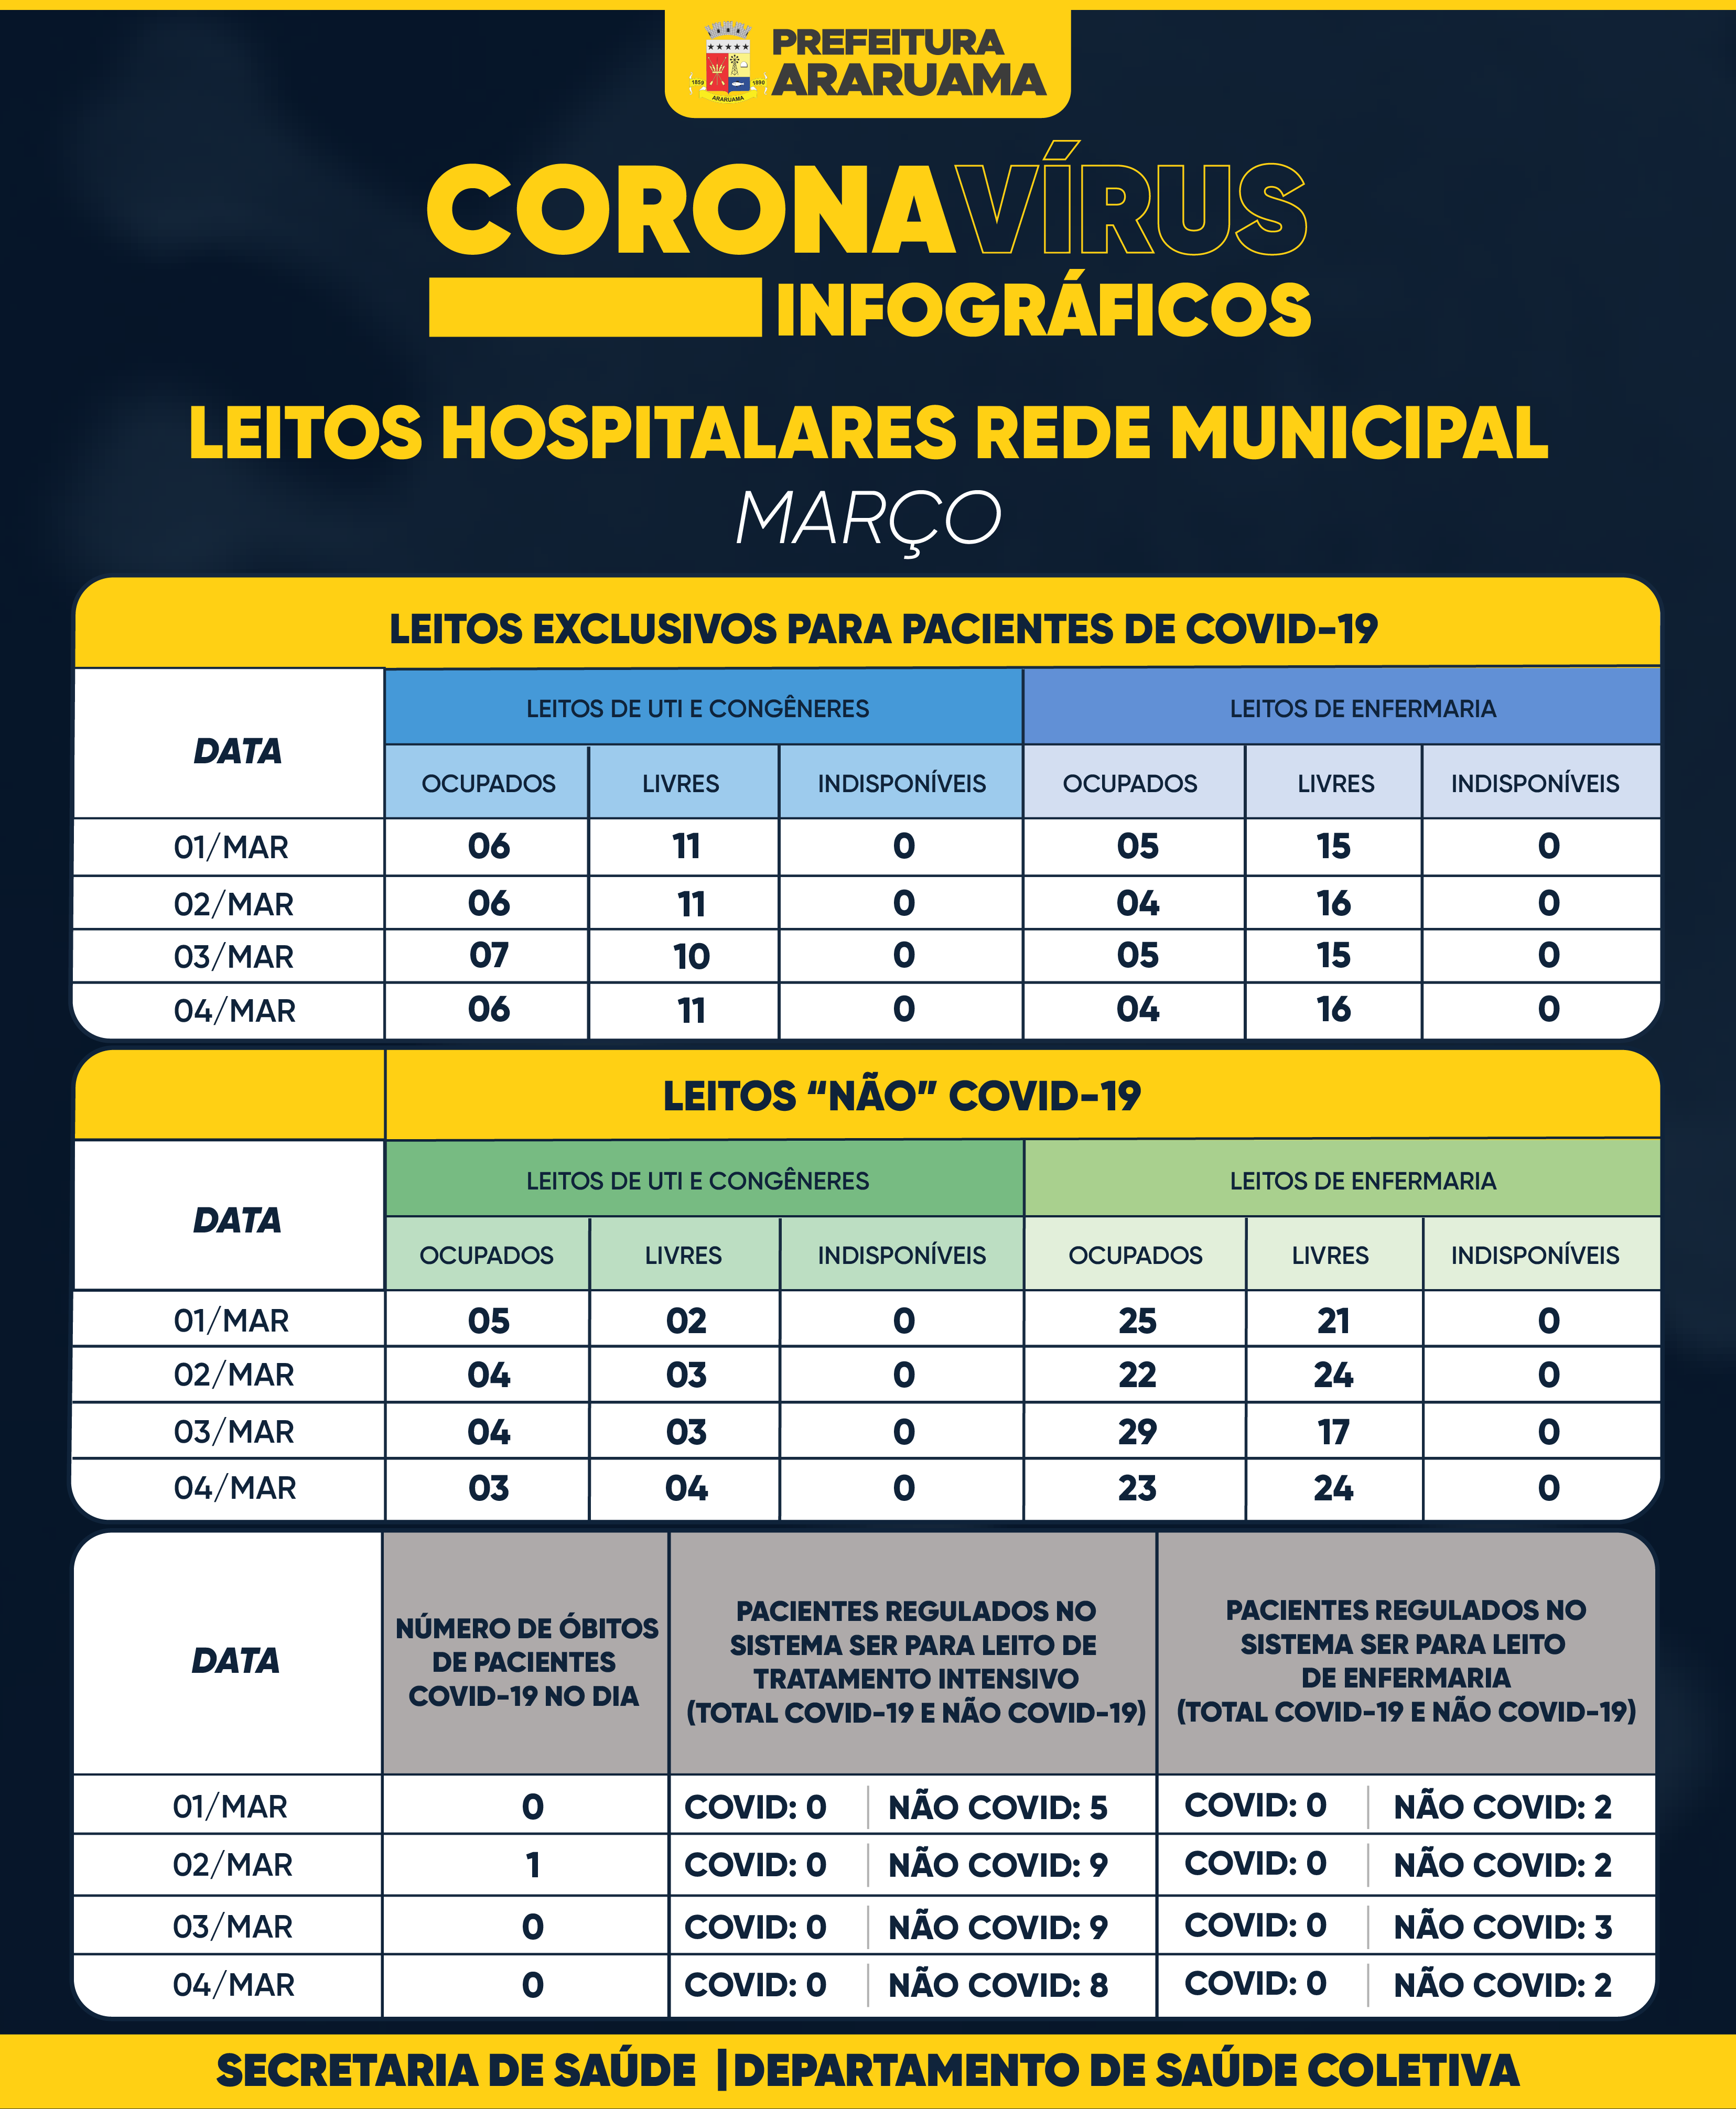 Painel de Monitoramento de Leitos COVID-19 — Março de 2021